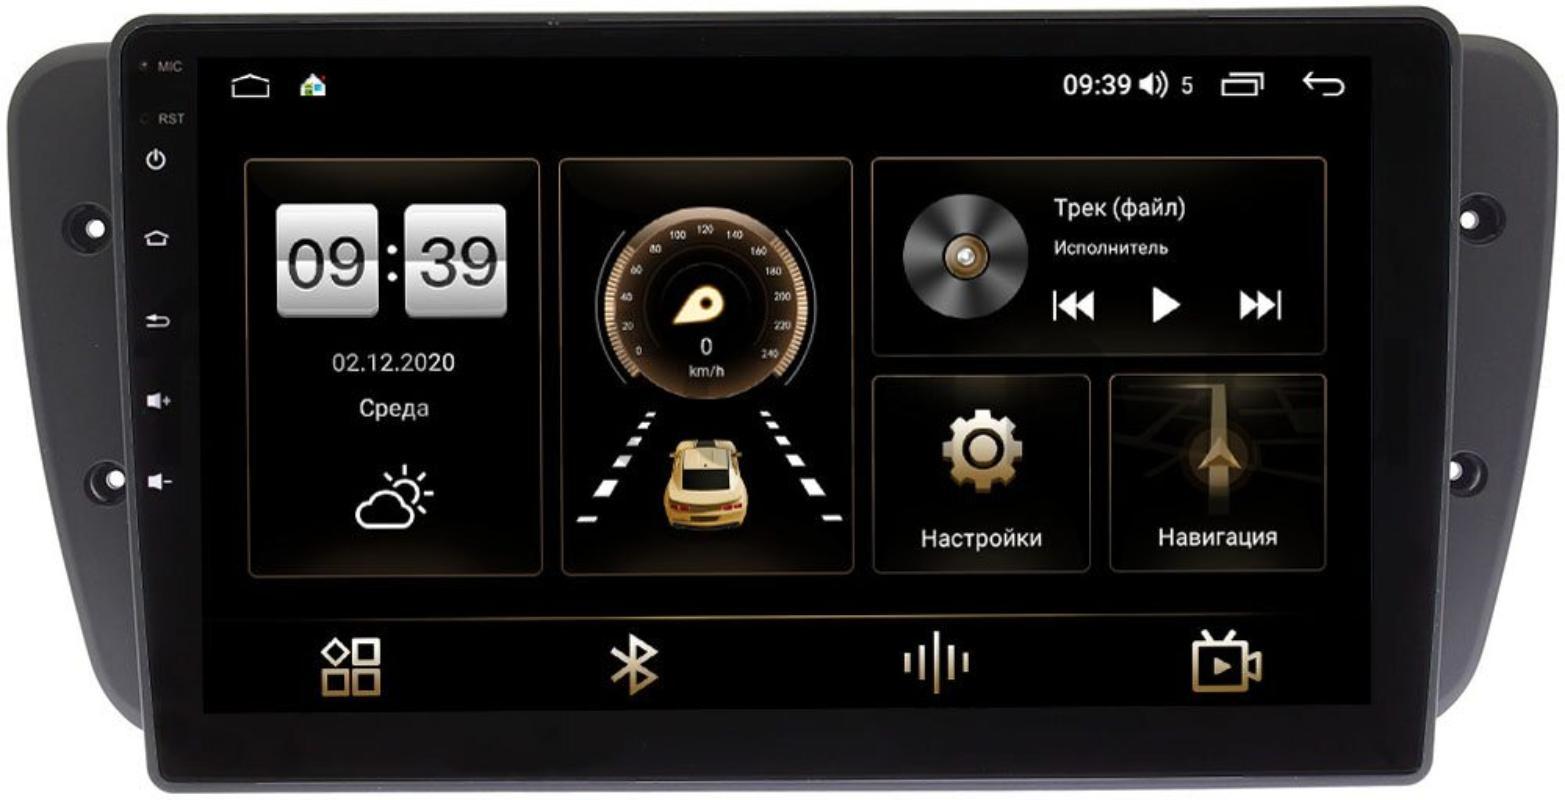 Штатная магнитола LeTrun 4166-9308 для Seat Ibiza IV 2008-2017 на Android 10 (4G-SIM, 3/32, DSP, QLed) (+ Камера заднего вида в подарок!)